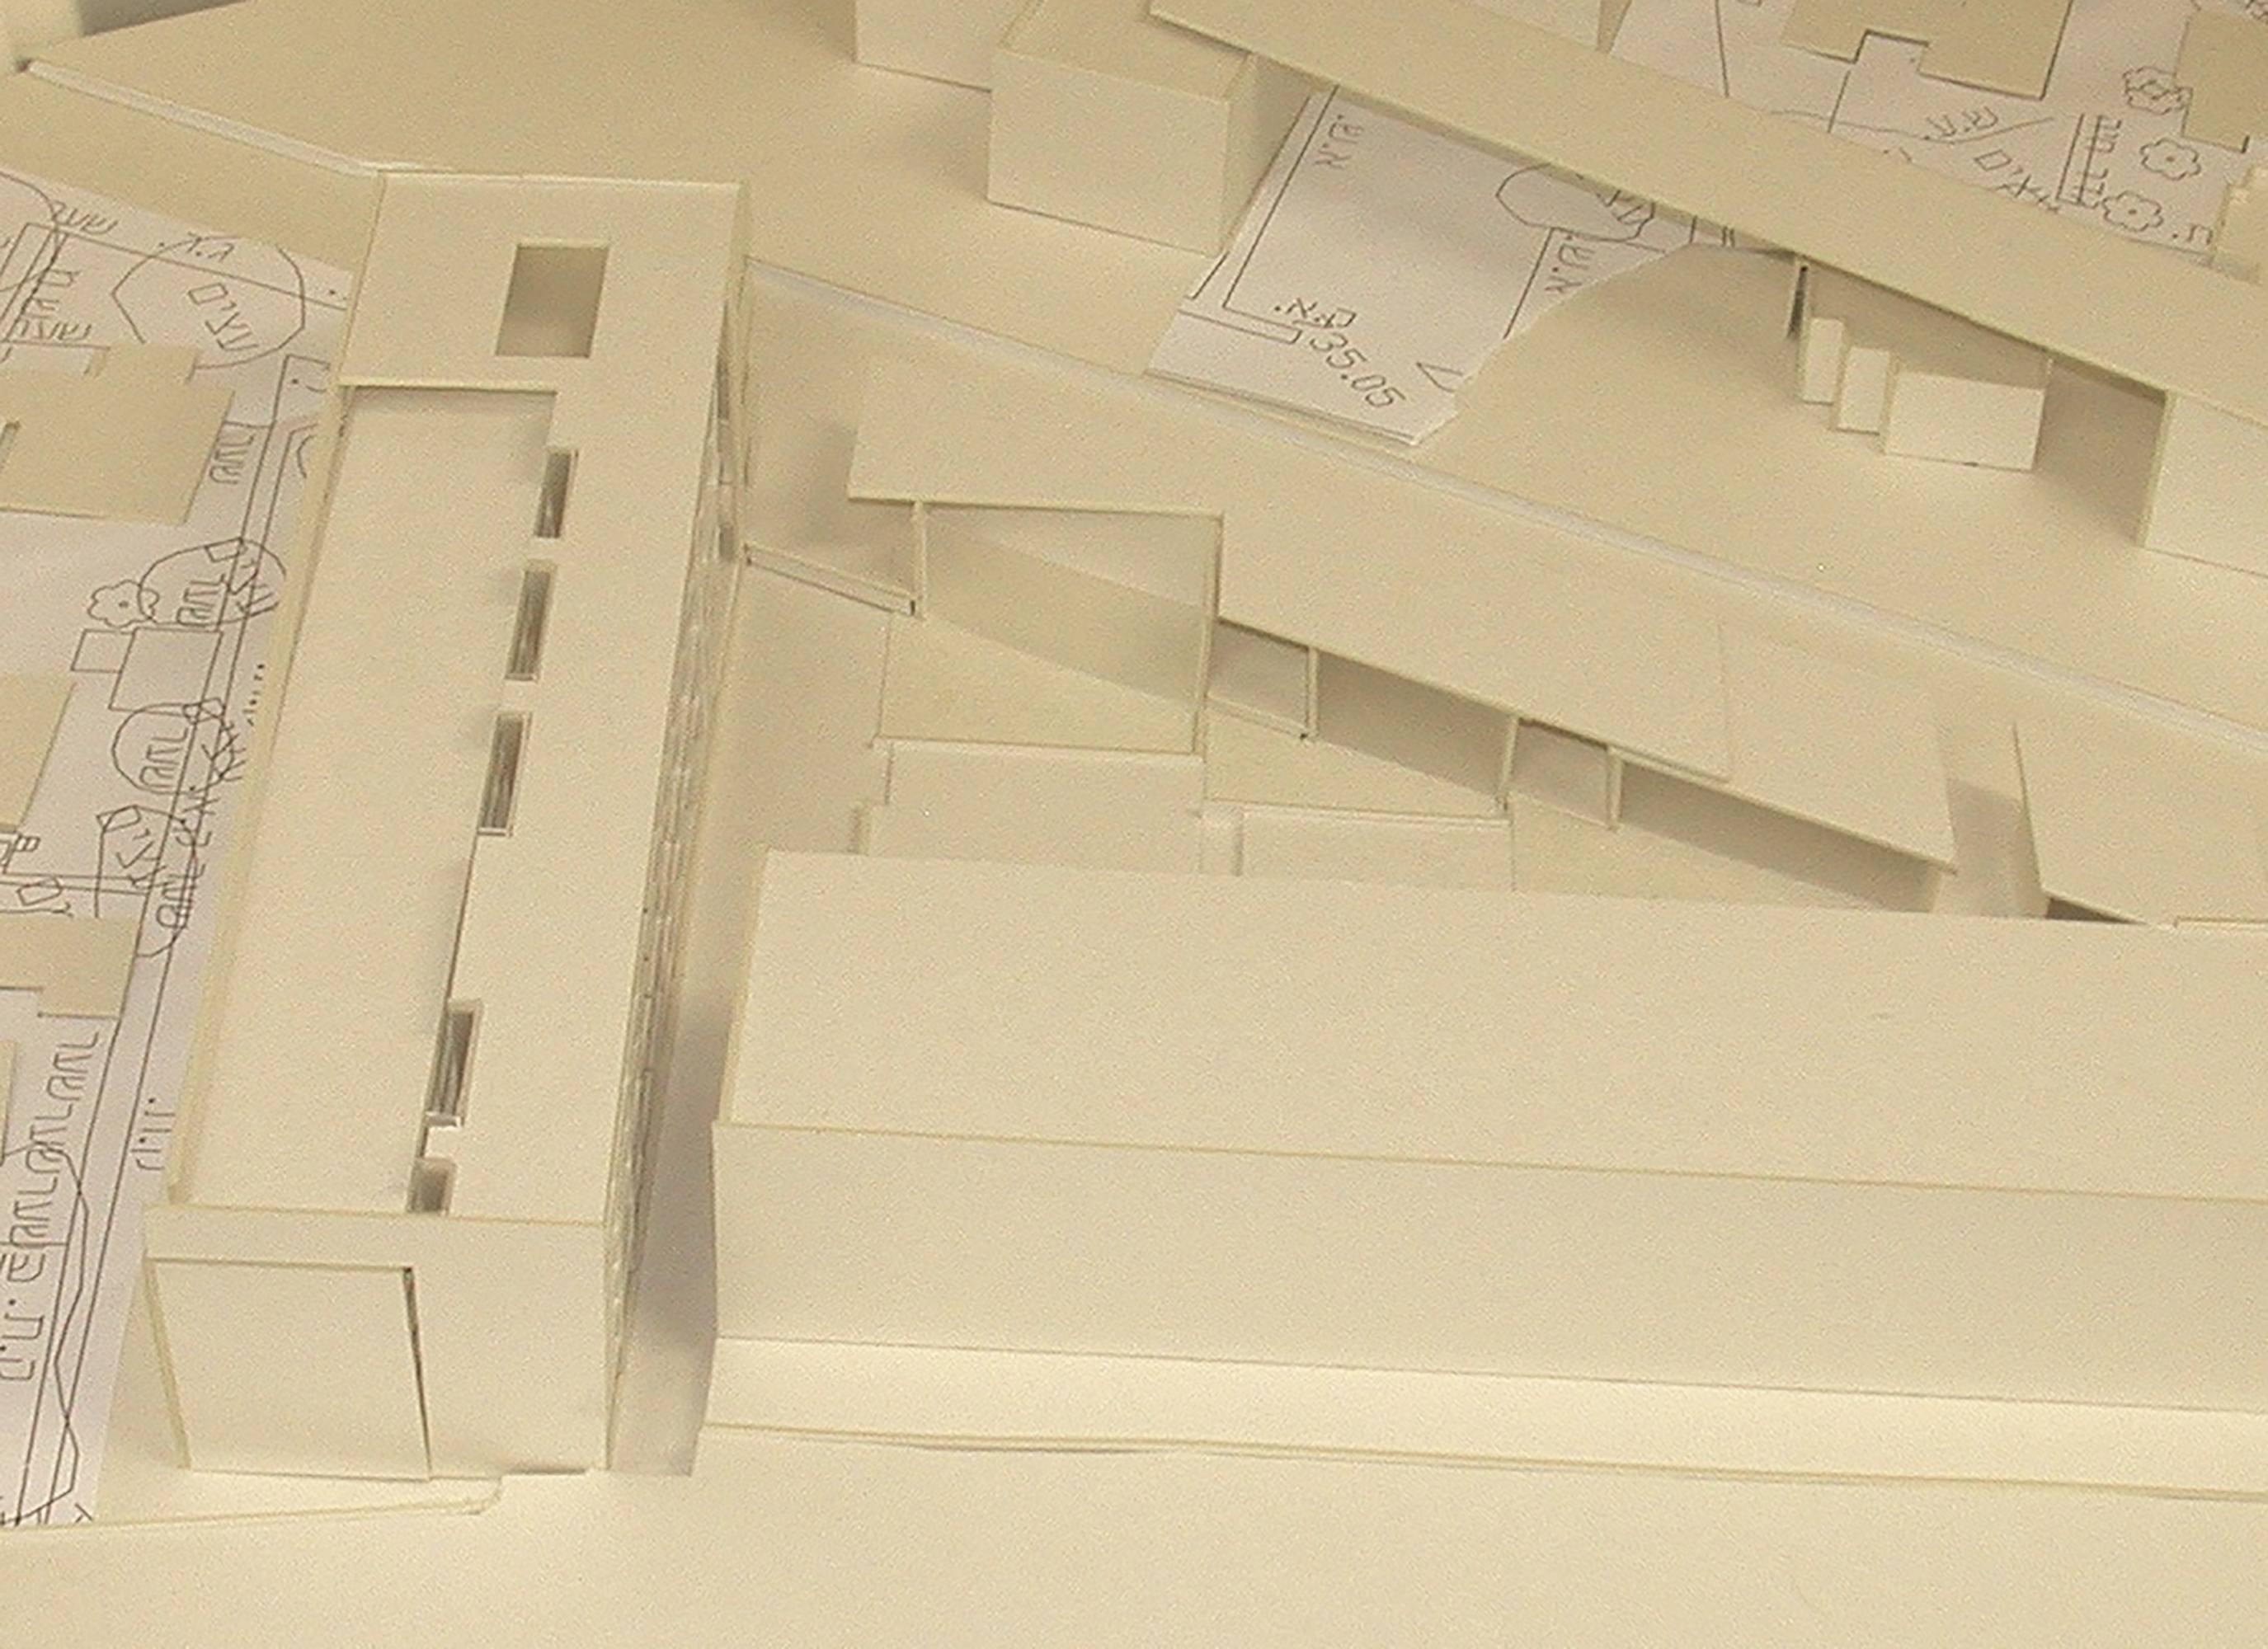 Preliminary architectural study model